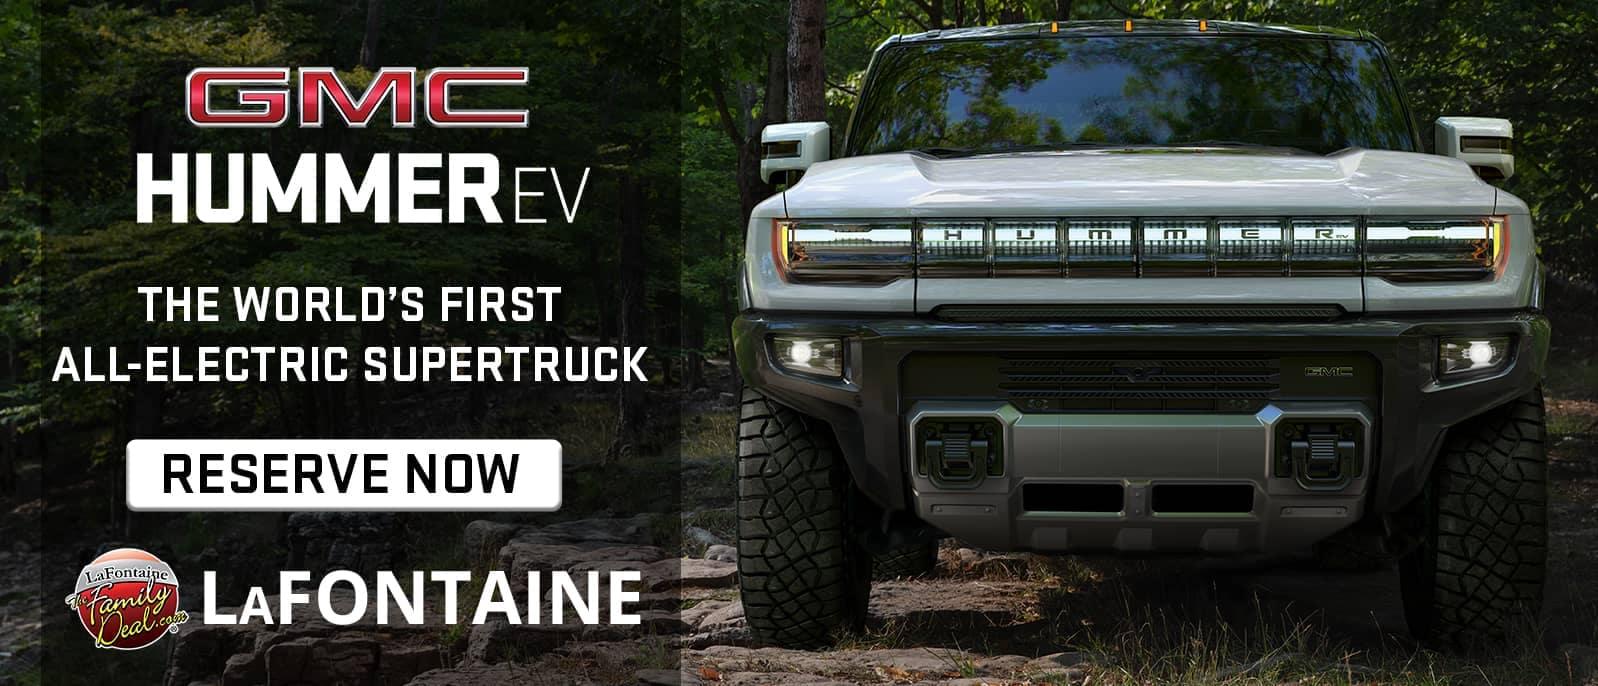 GMC Hummer EV Reserve Now Banner